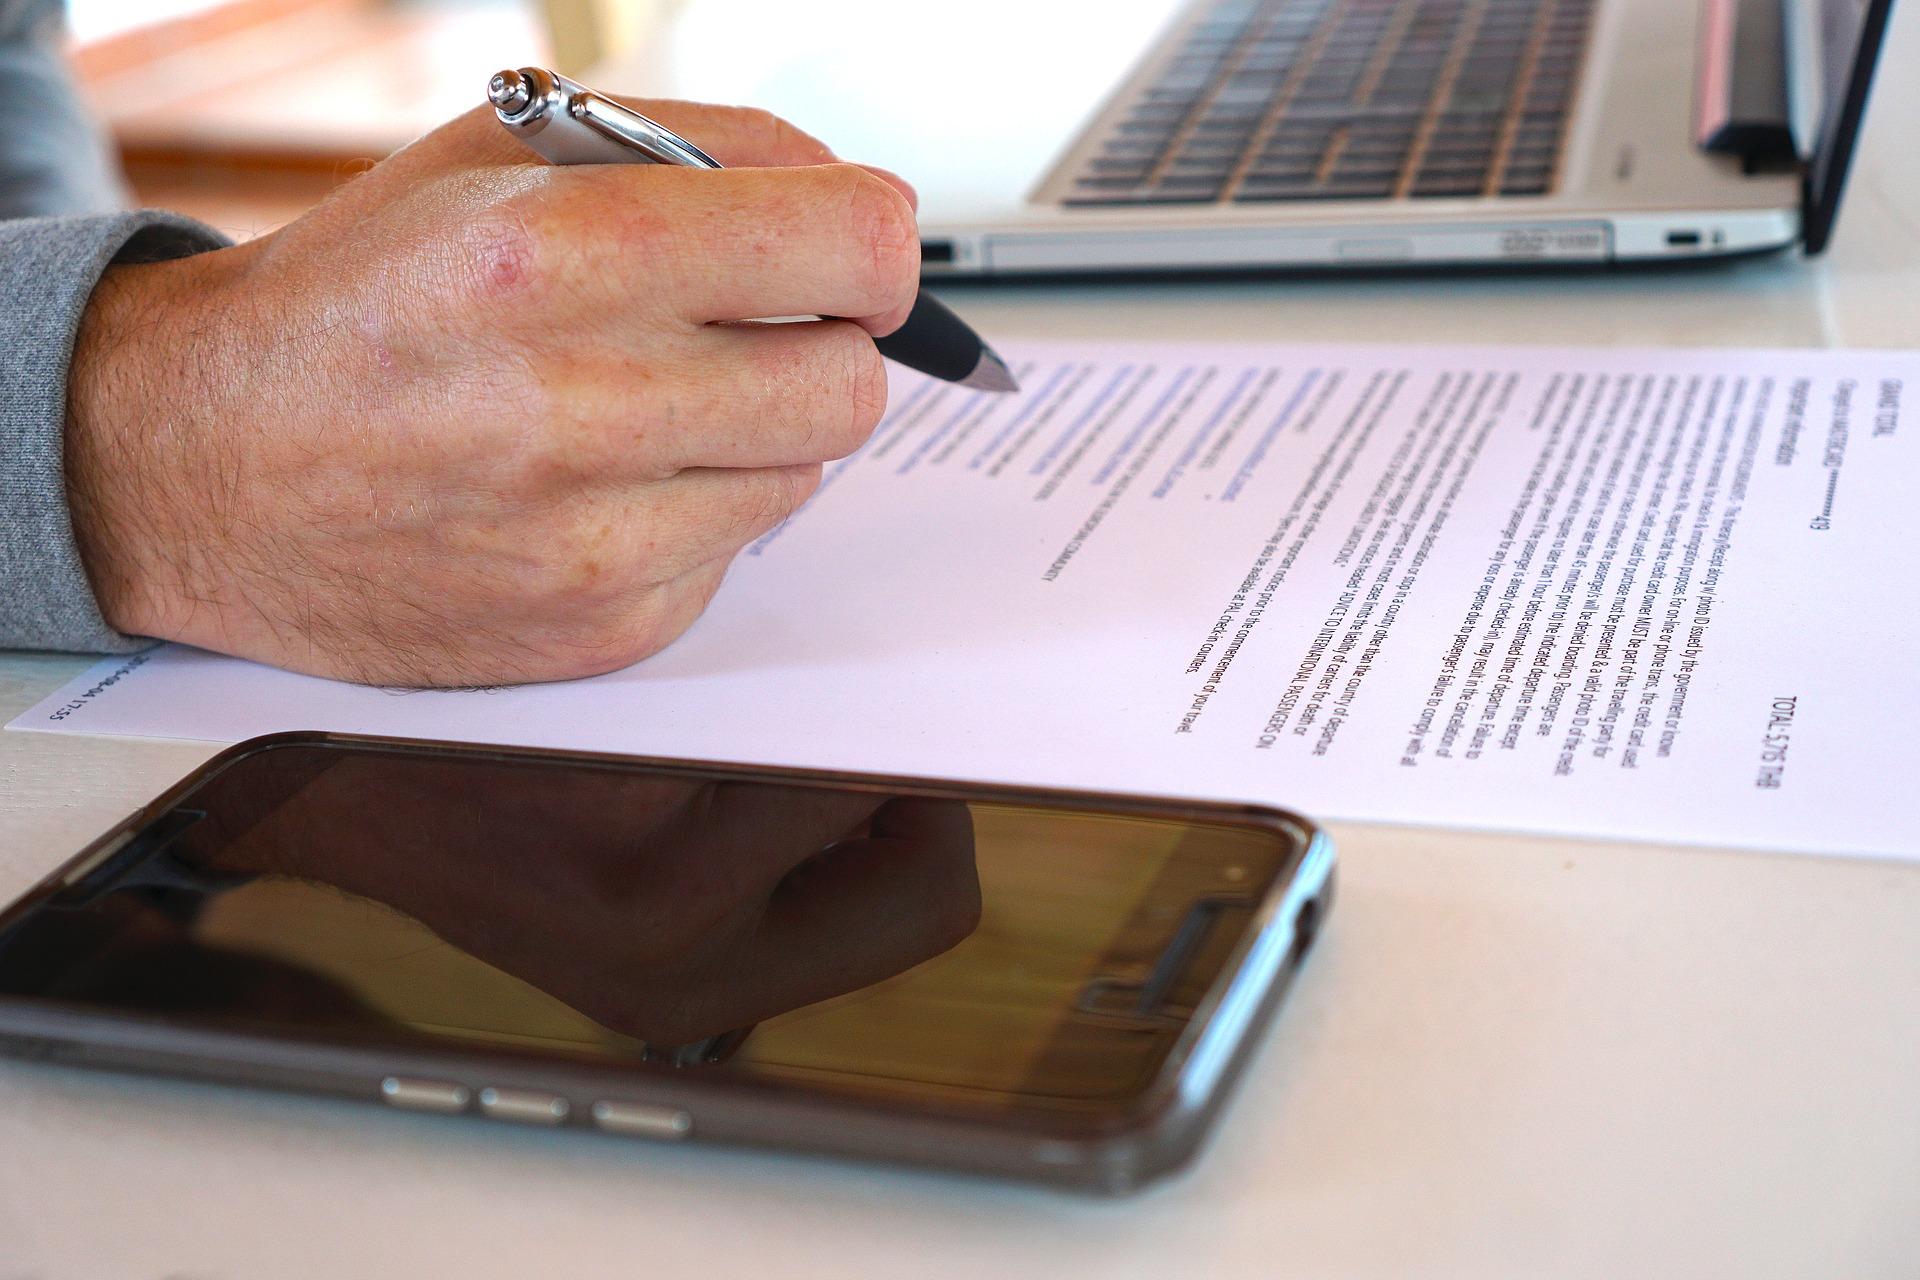 Servicios de la Iguala - Los contratos son personalizados para cada persona o empresa, en función de sus necesidades y características.